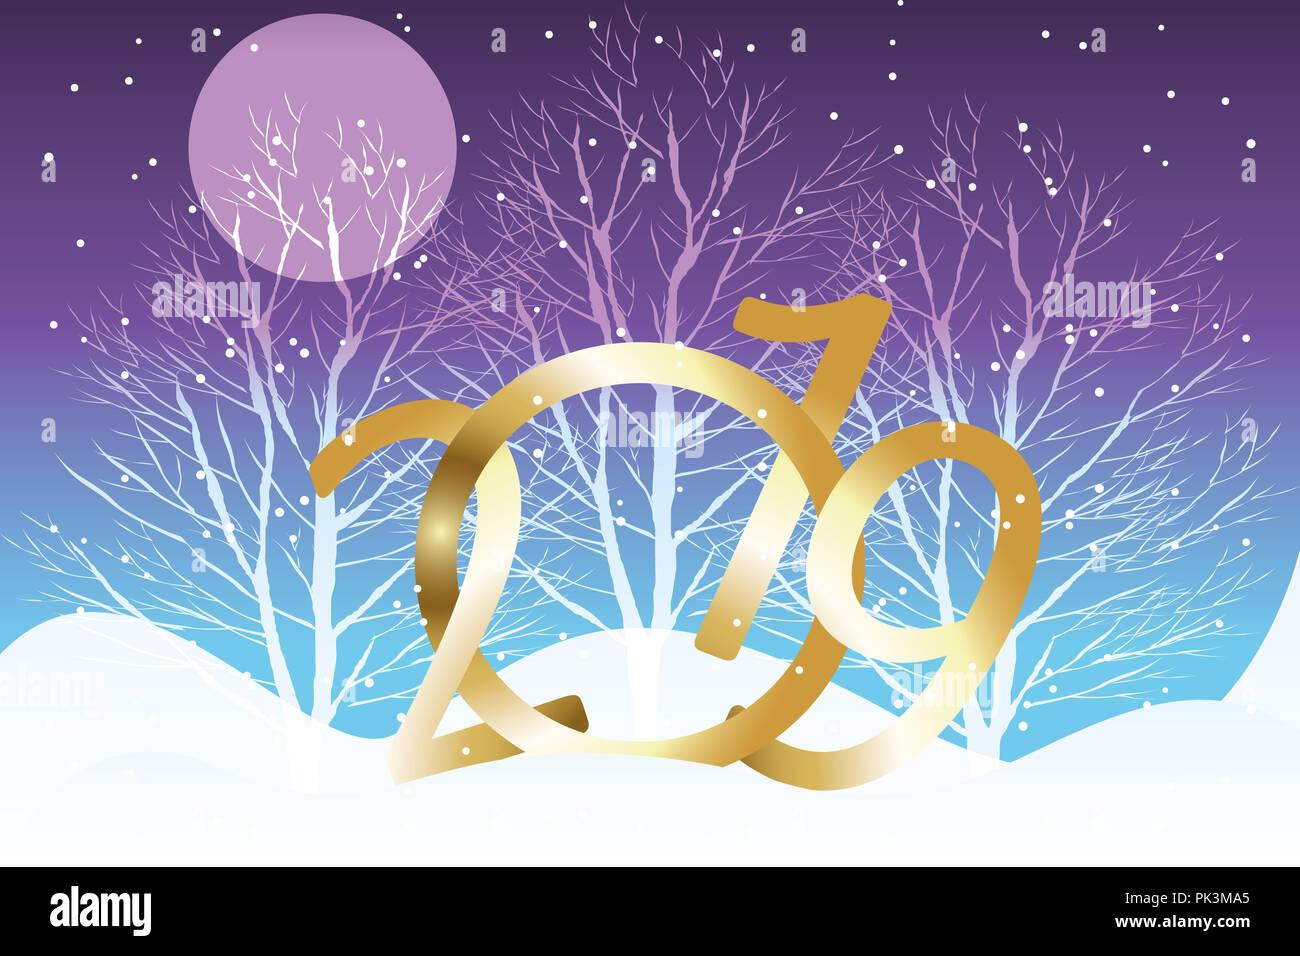 Fiocchi Di Neve Di Carta 3d : Illustrazione di golden 3d 2019 notte con silenzioso paesaggio